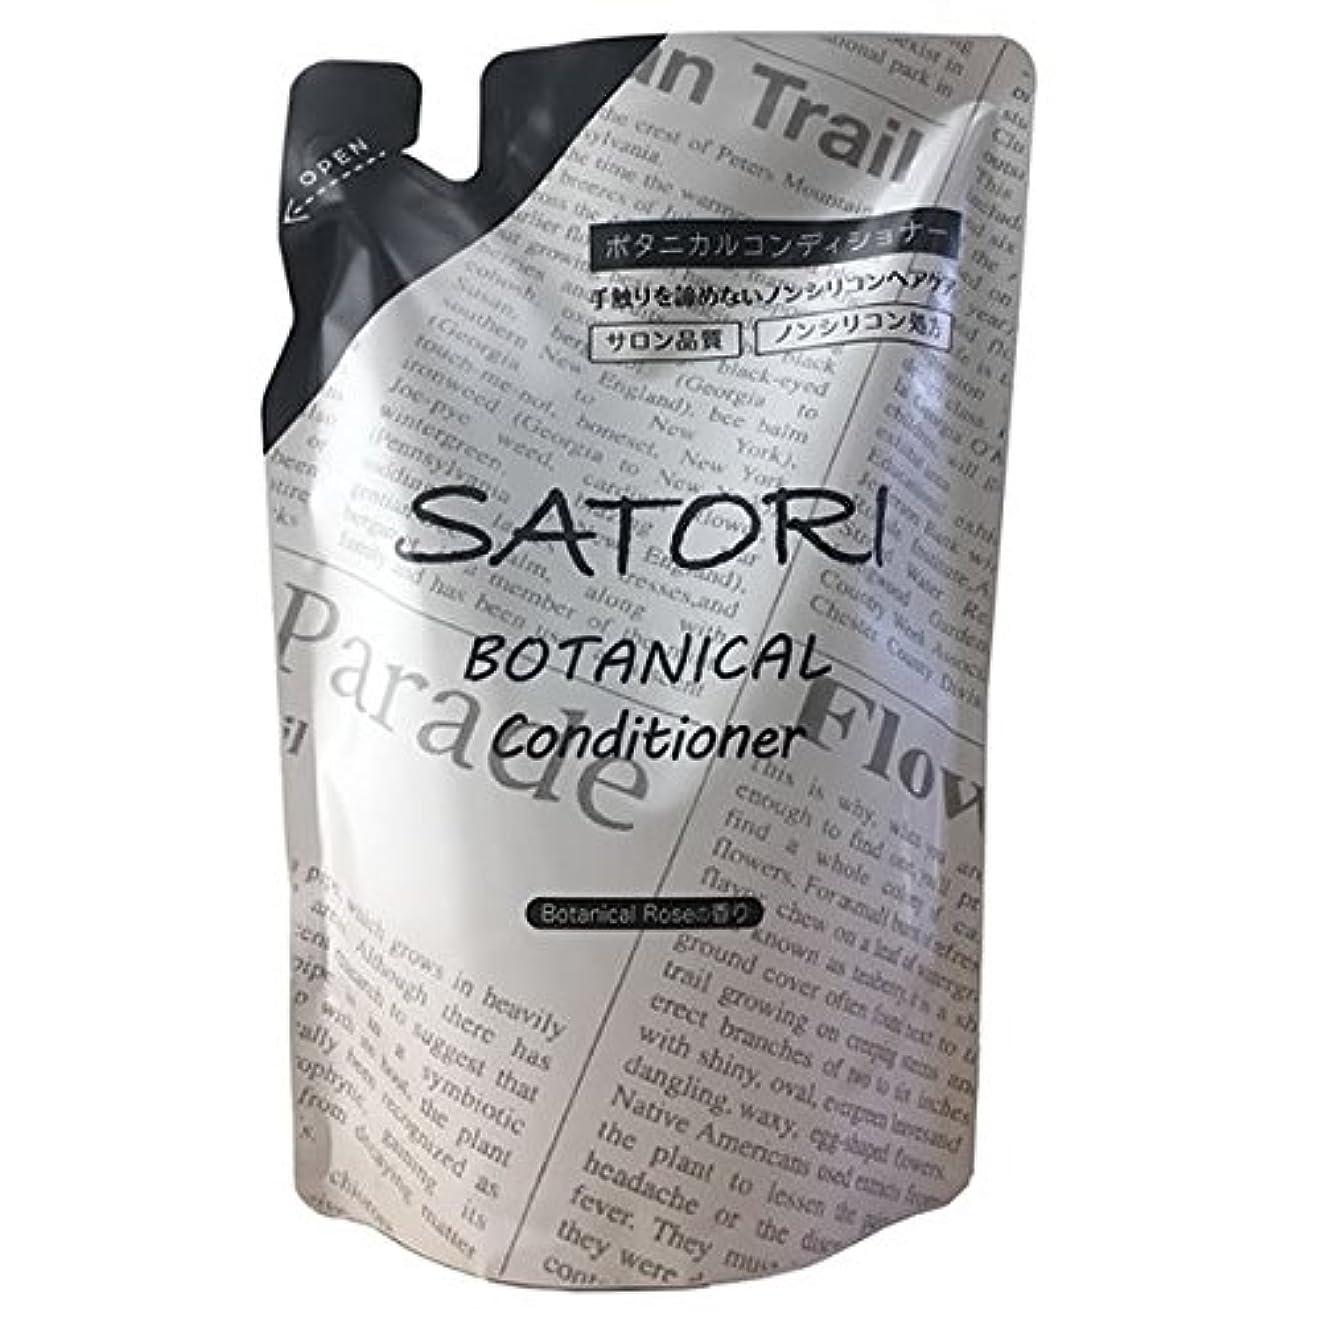 事実上冗談で社員SATORI(サトリ) ボタニカルコンディショナー レフィル 400ml